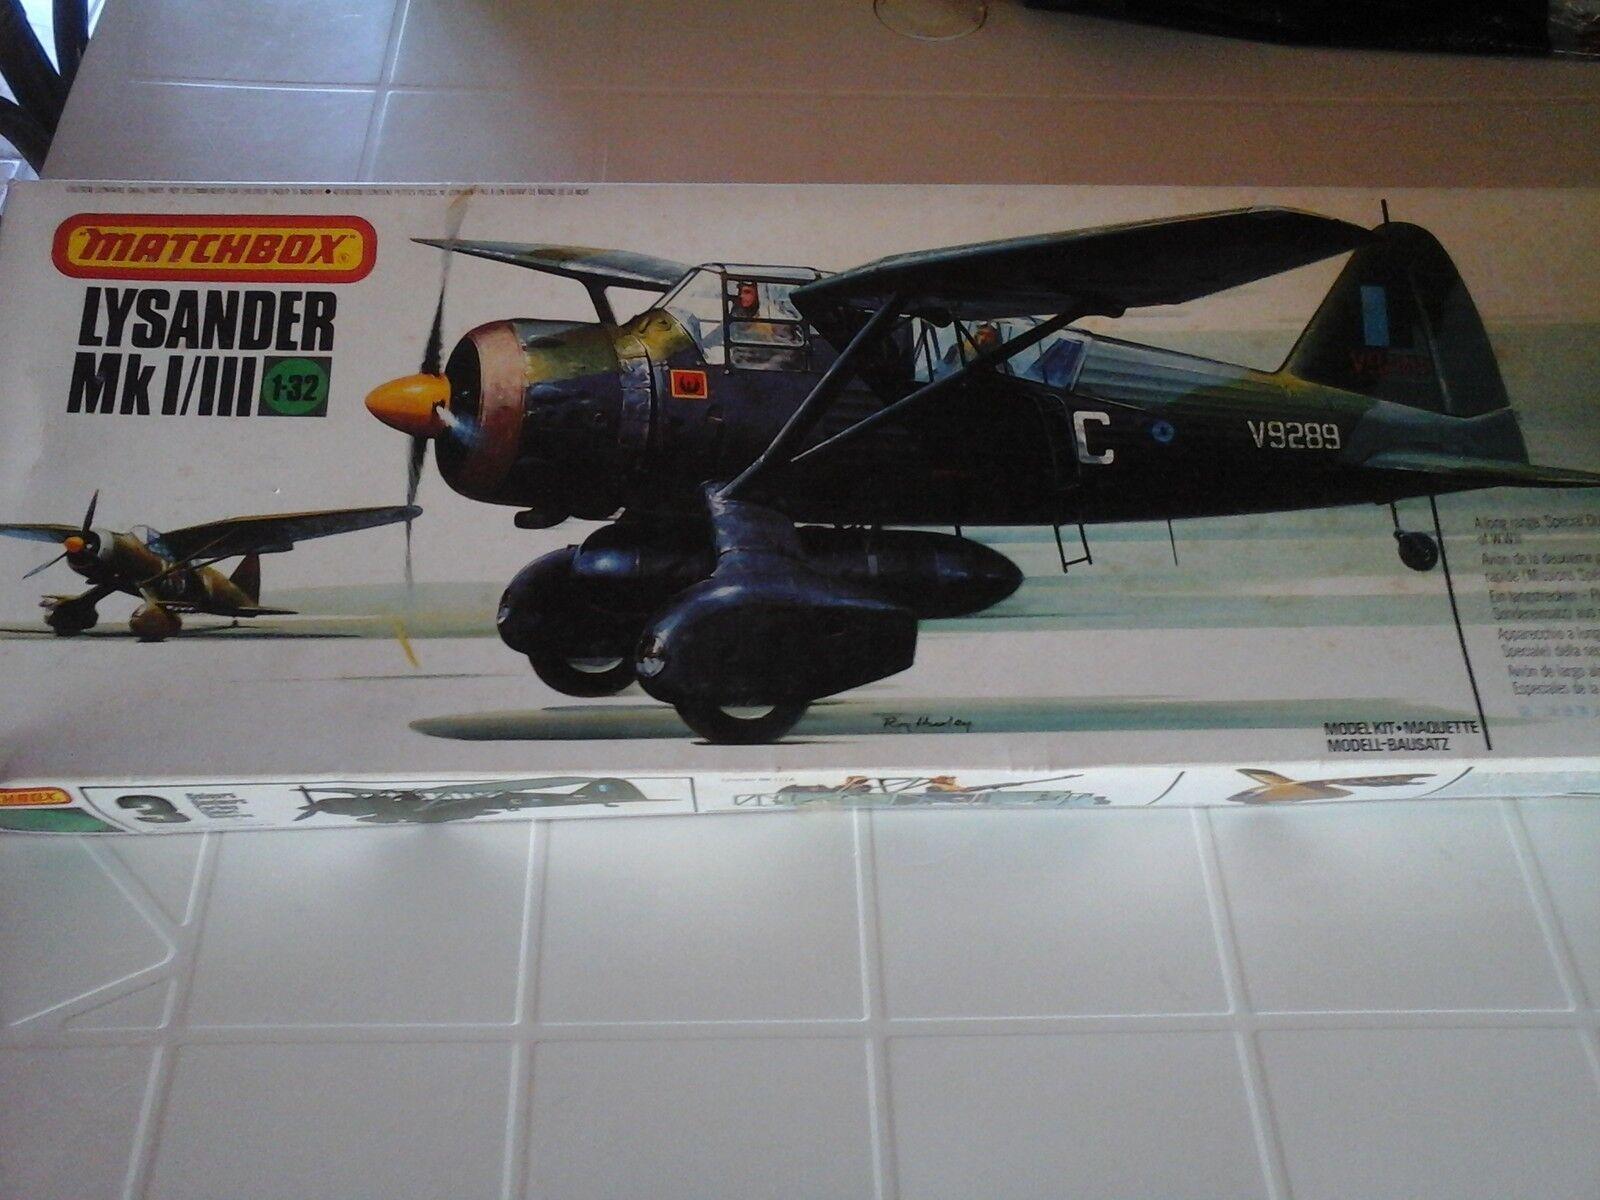 Westland Lysander Mk.I III  PK-504U 1 32 scale Matchbox model